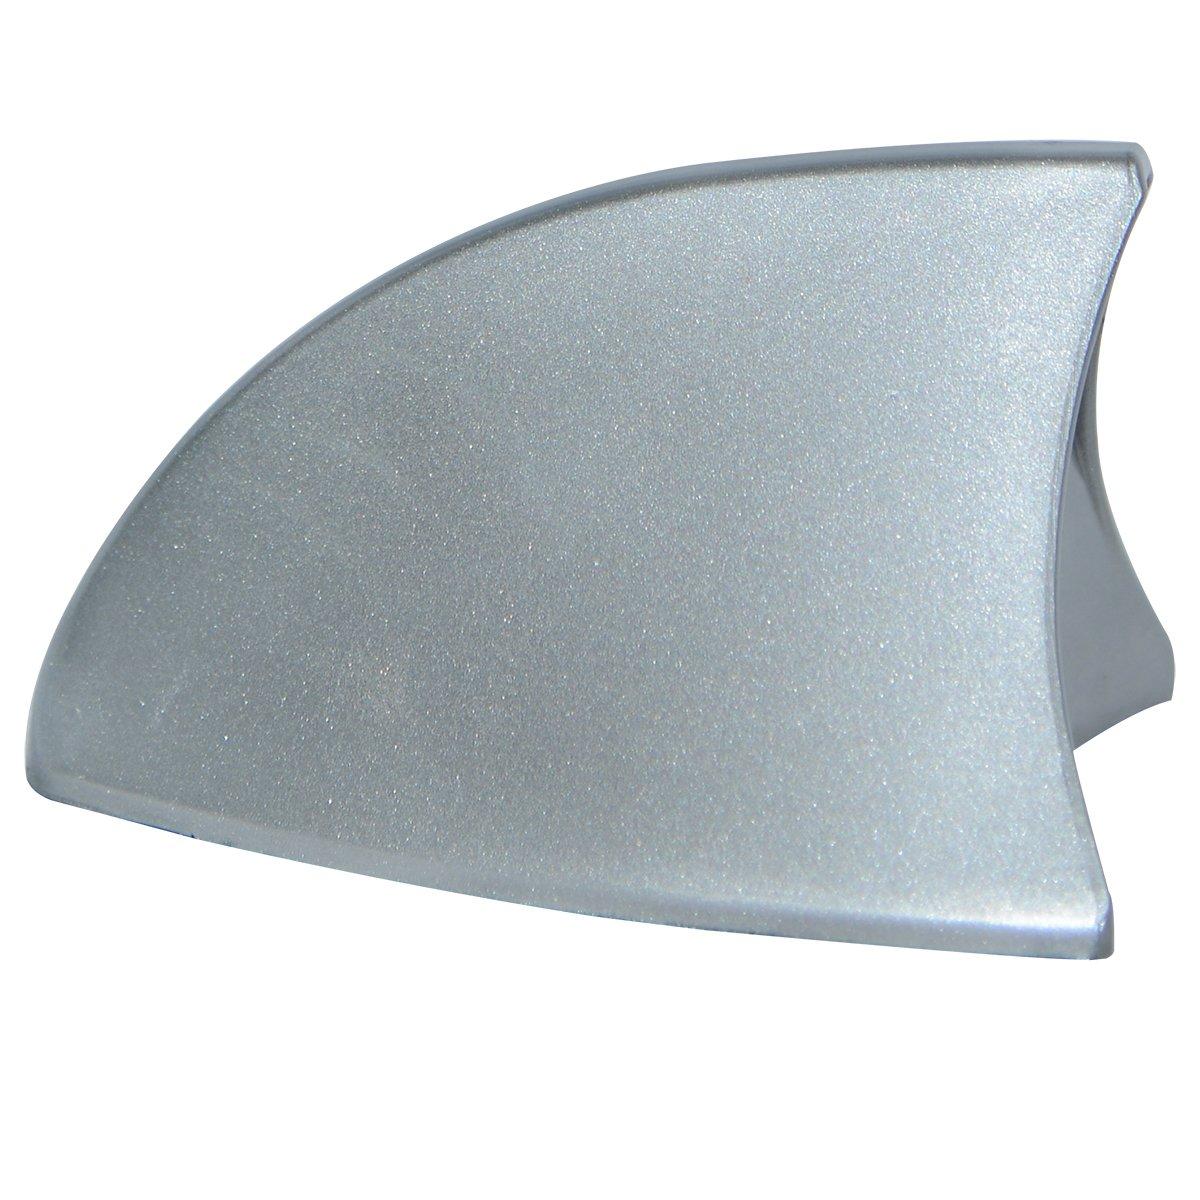 Woltu AT7028bl-b Antenna Pinna di Squalo Shark Plastica Rigido AM/FM Universale Lucido Blu #160